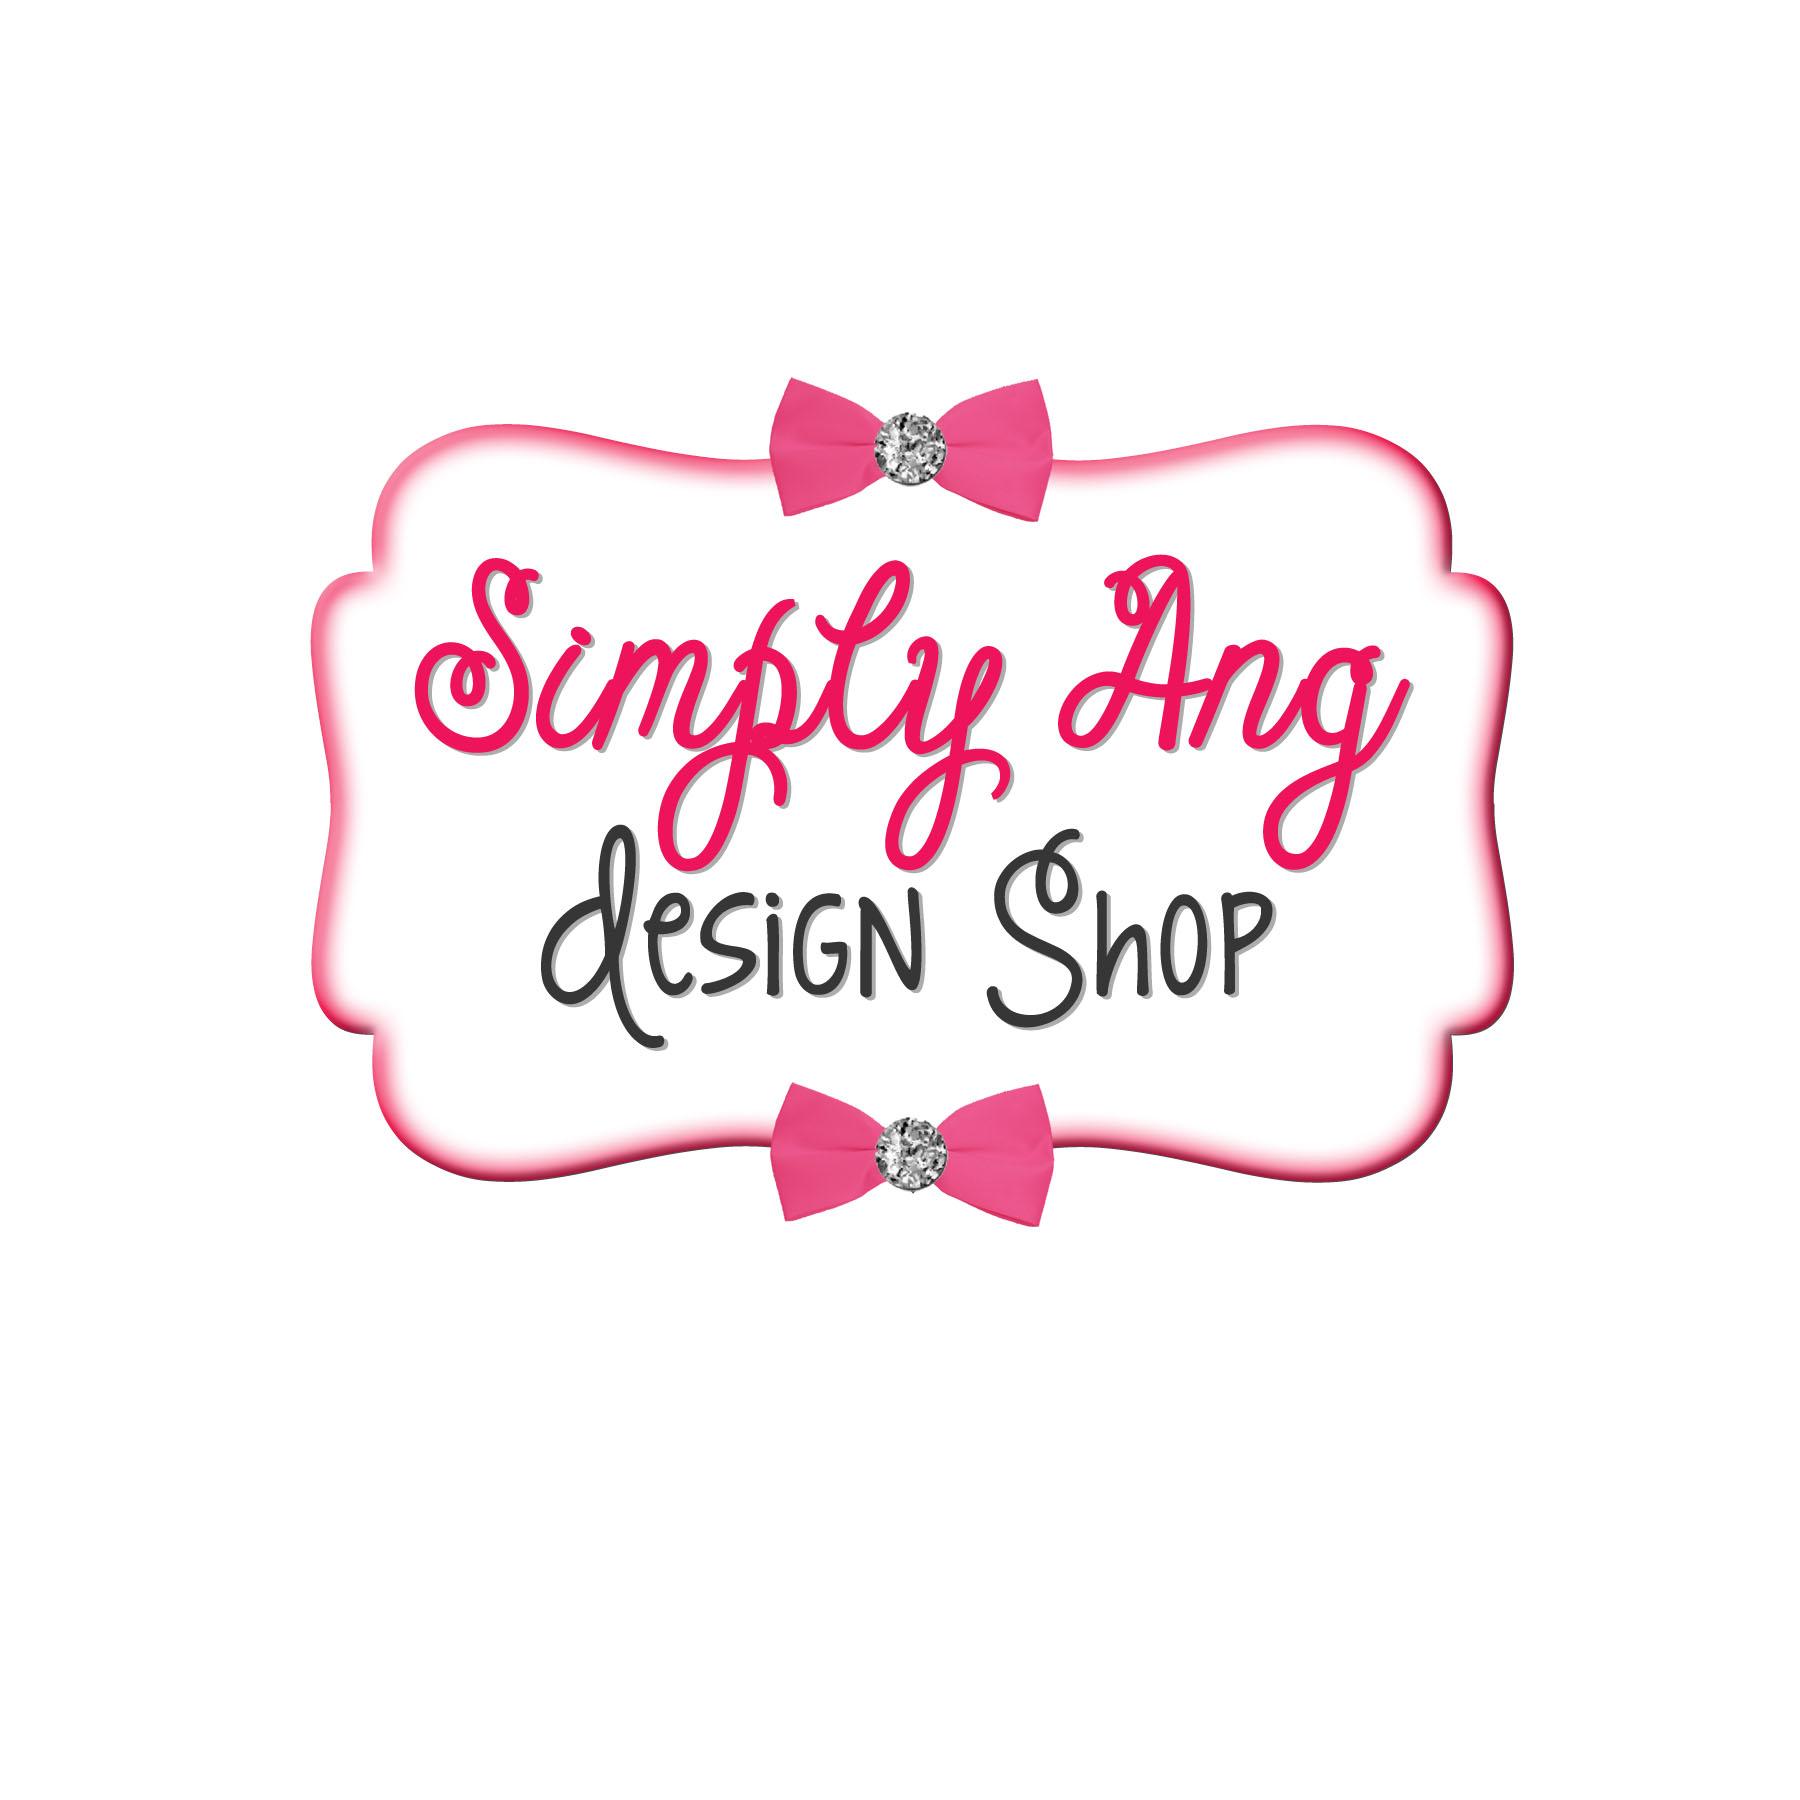 boutique logo3.jpg